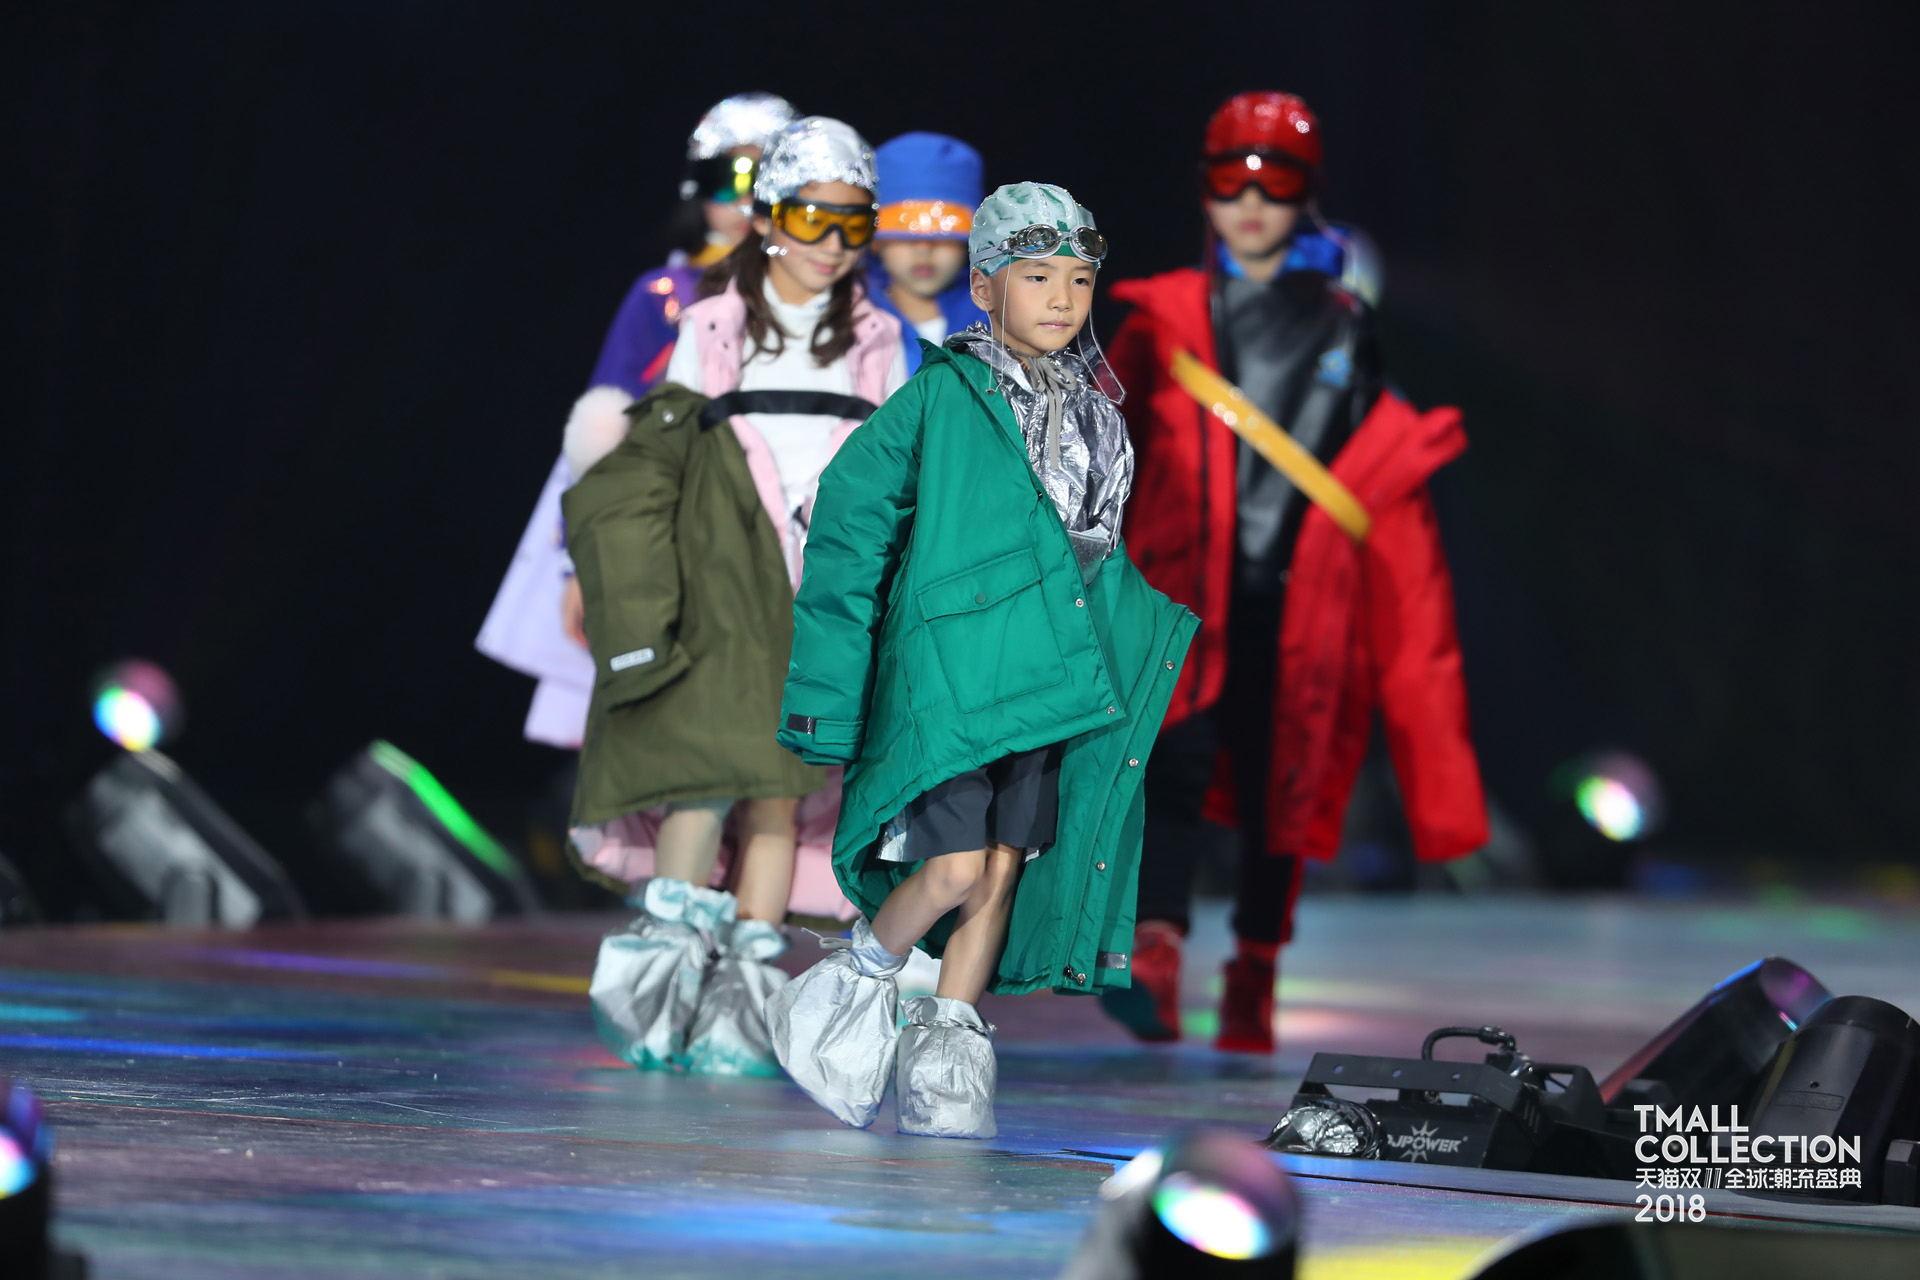 国潮童装崛起!继获得风尚品牌大奖后,MQD再度登上天猫潮流盛典